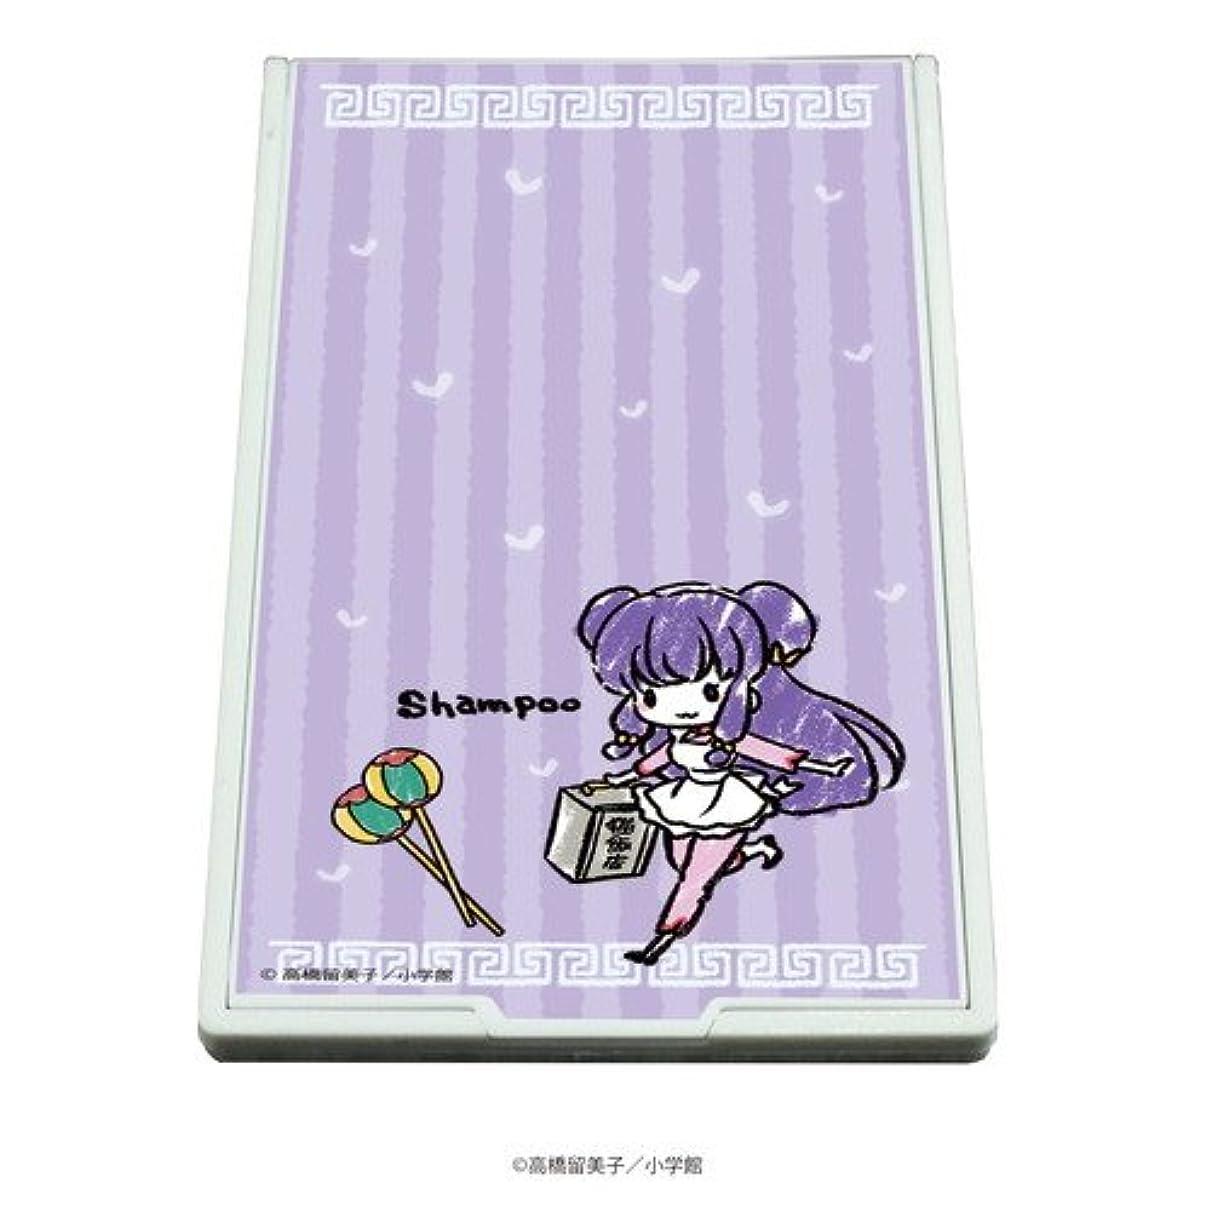 ジャンクション暗い翻訳キャラミラー「らんま1/2」03/シャンプー(グラフアートデザイン)